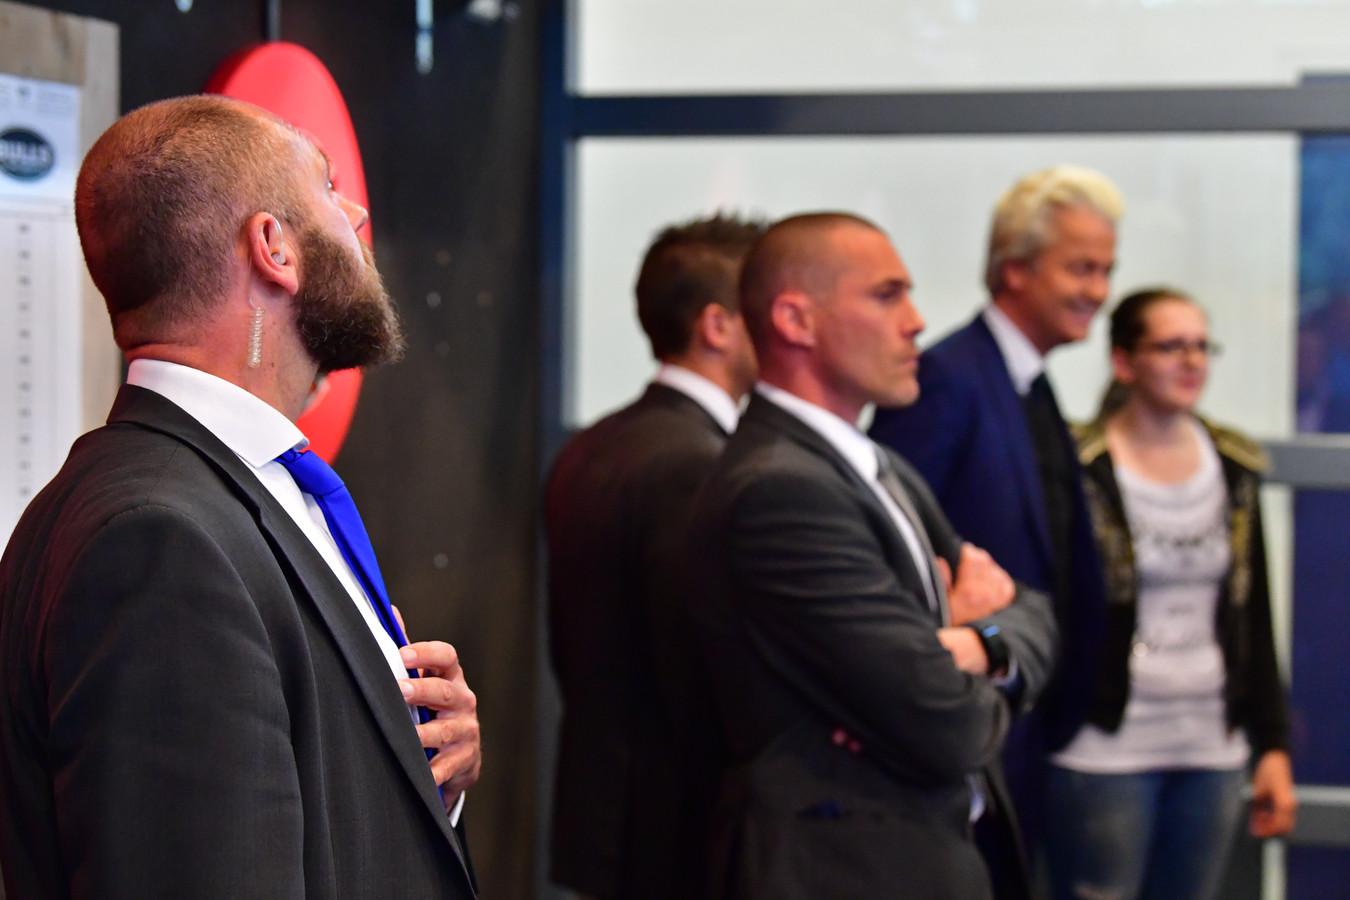 Beveiligers houden de omgeving van Geert Wilders in de gaten. Het bedrijf dat safehouses voor de politicus regelt, zou ook banden hebben met criminelen.